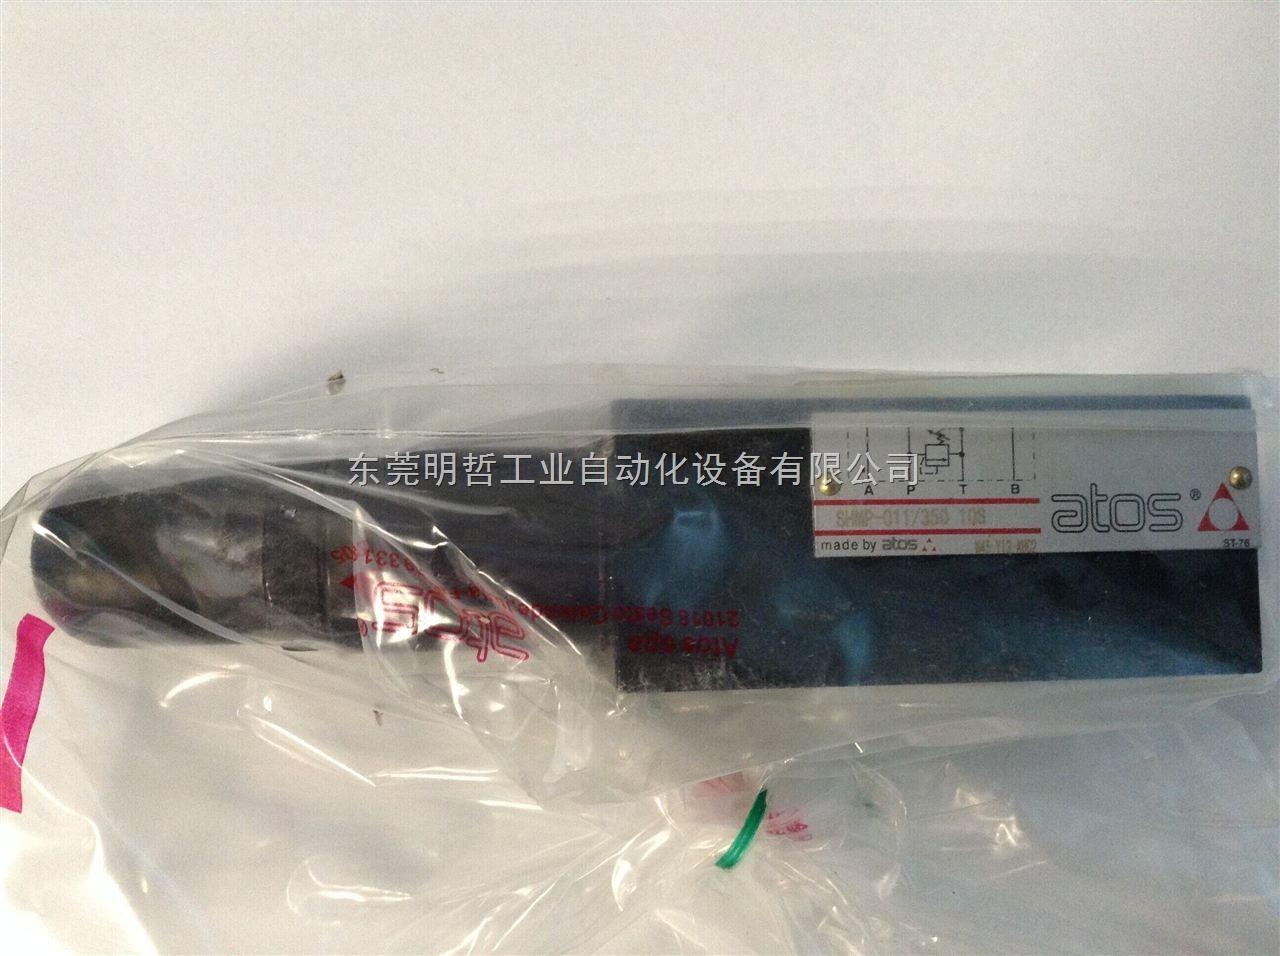 阿托斯全新推出SHMP-011/350电磁阀